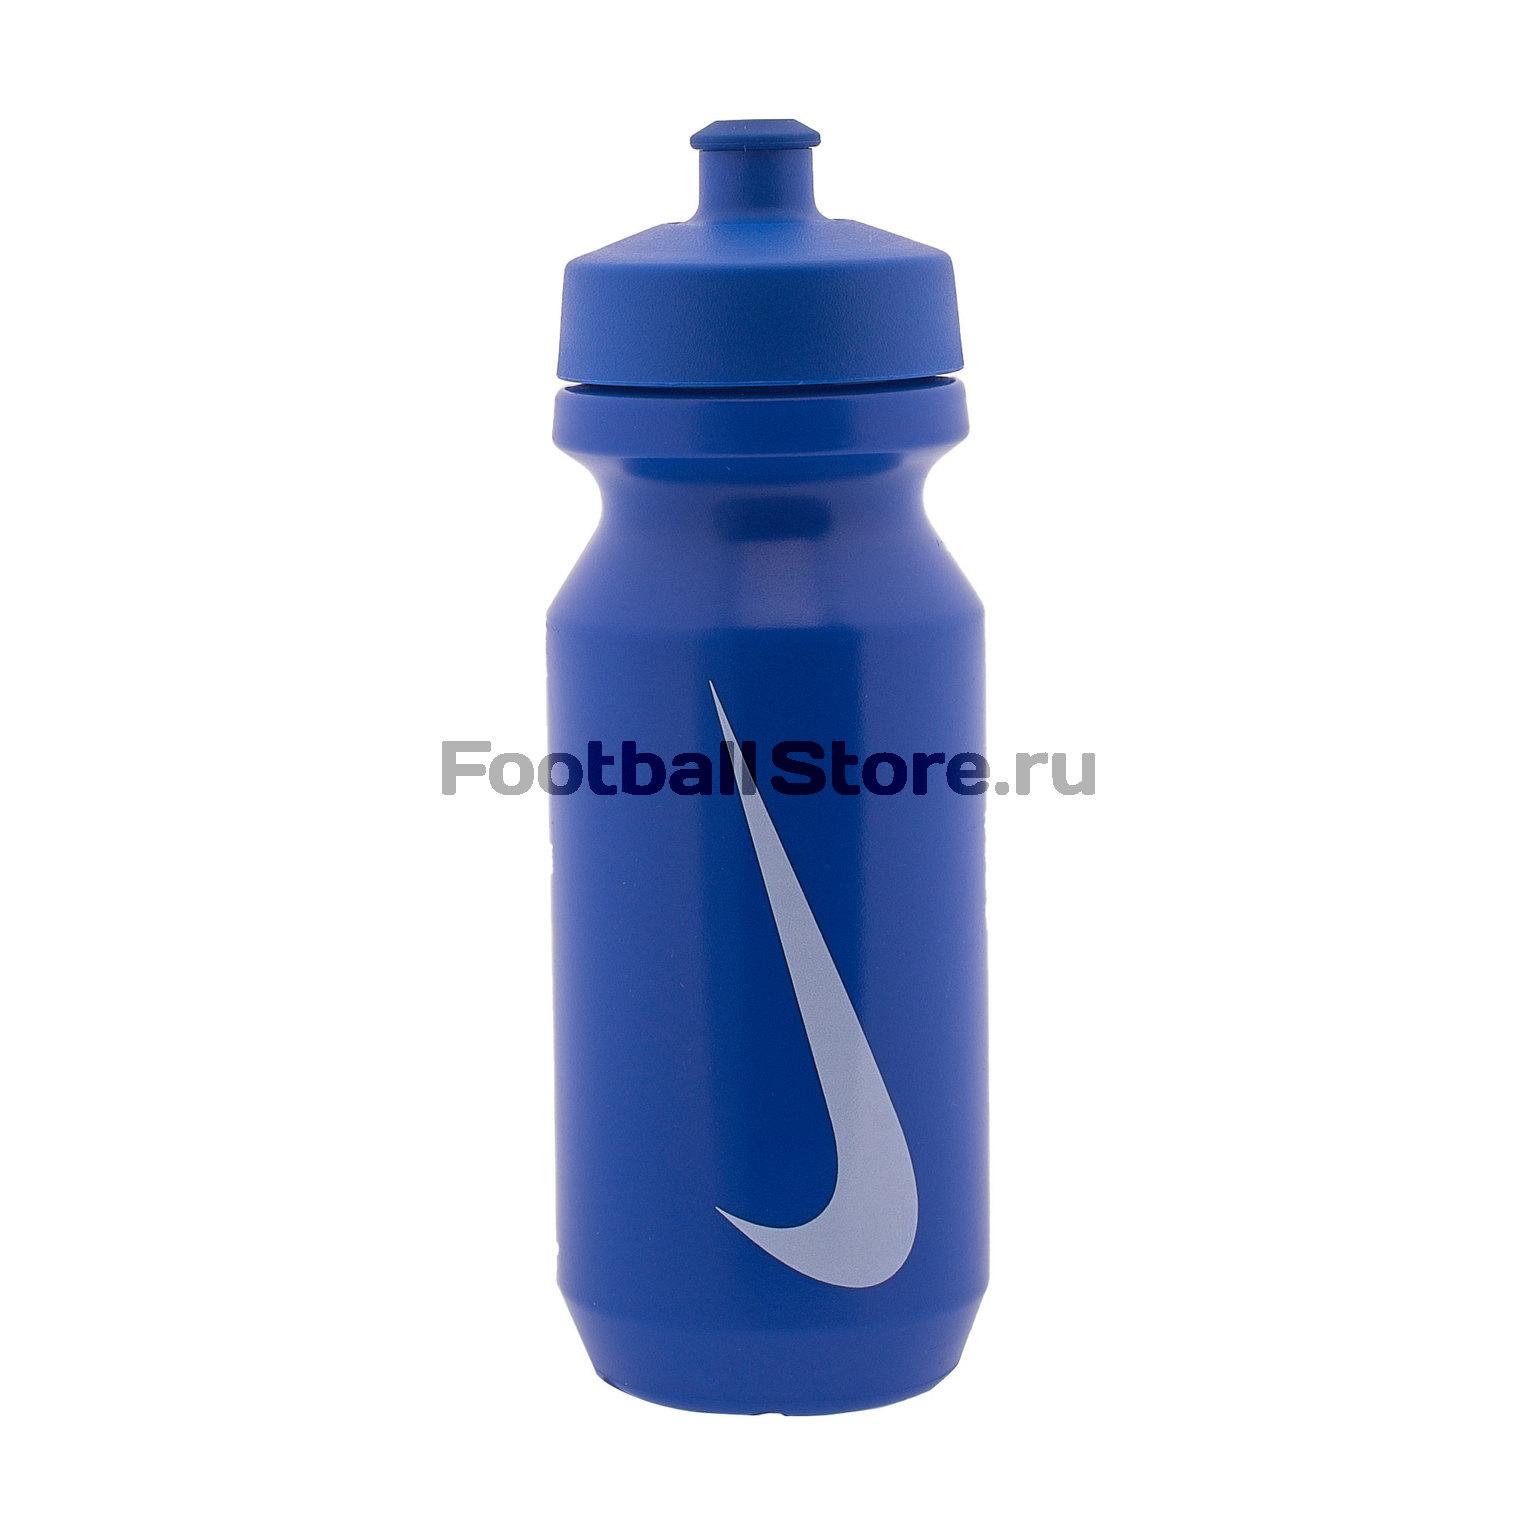 Бутылка для воды Nike Game N.000.0042.408.22